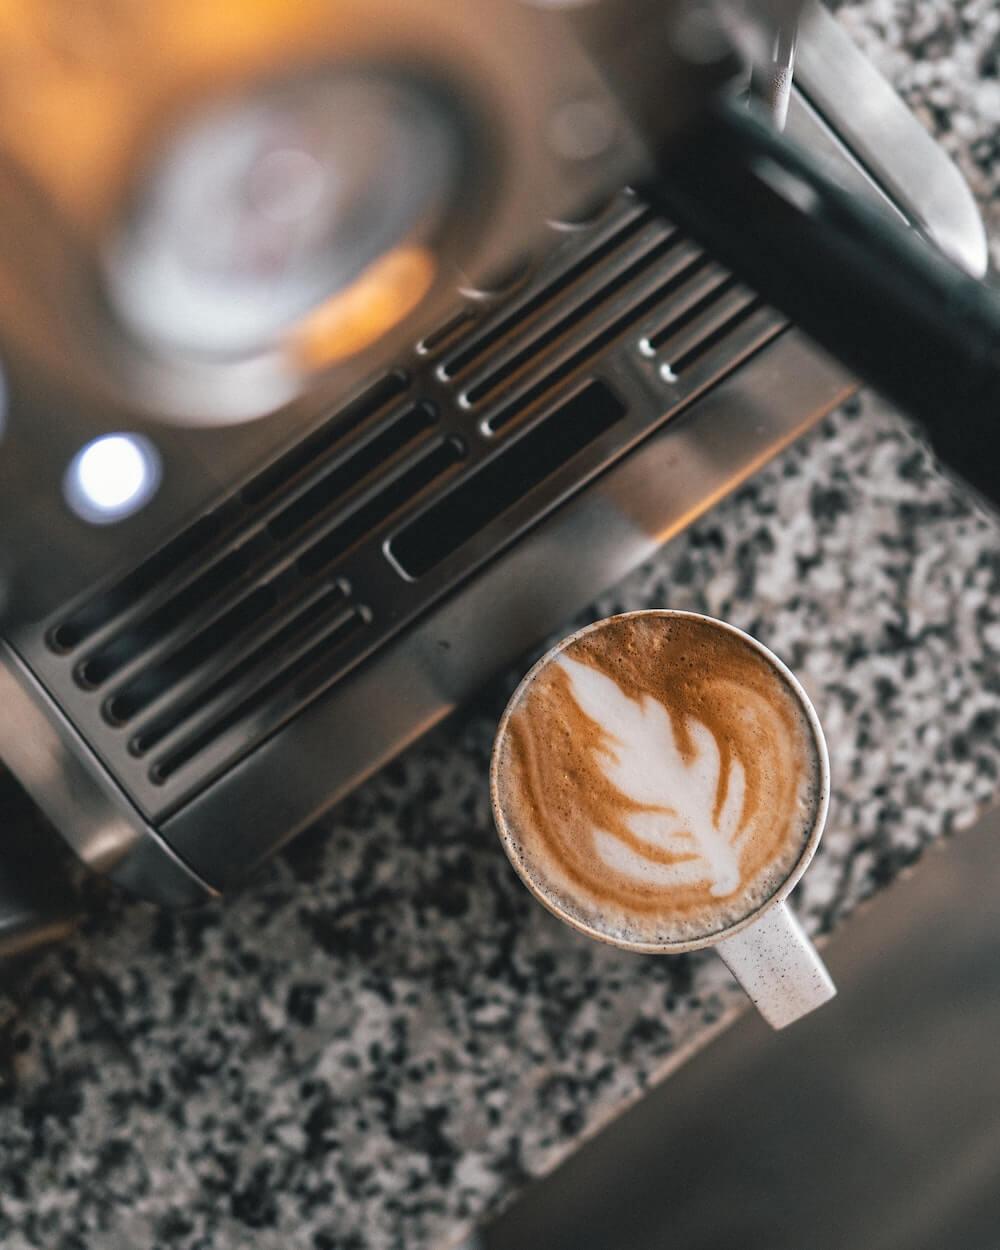 Frischer Kaffee neben einem Kaffeevollautomaten